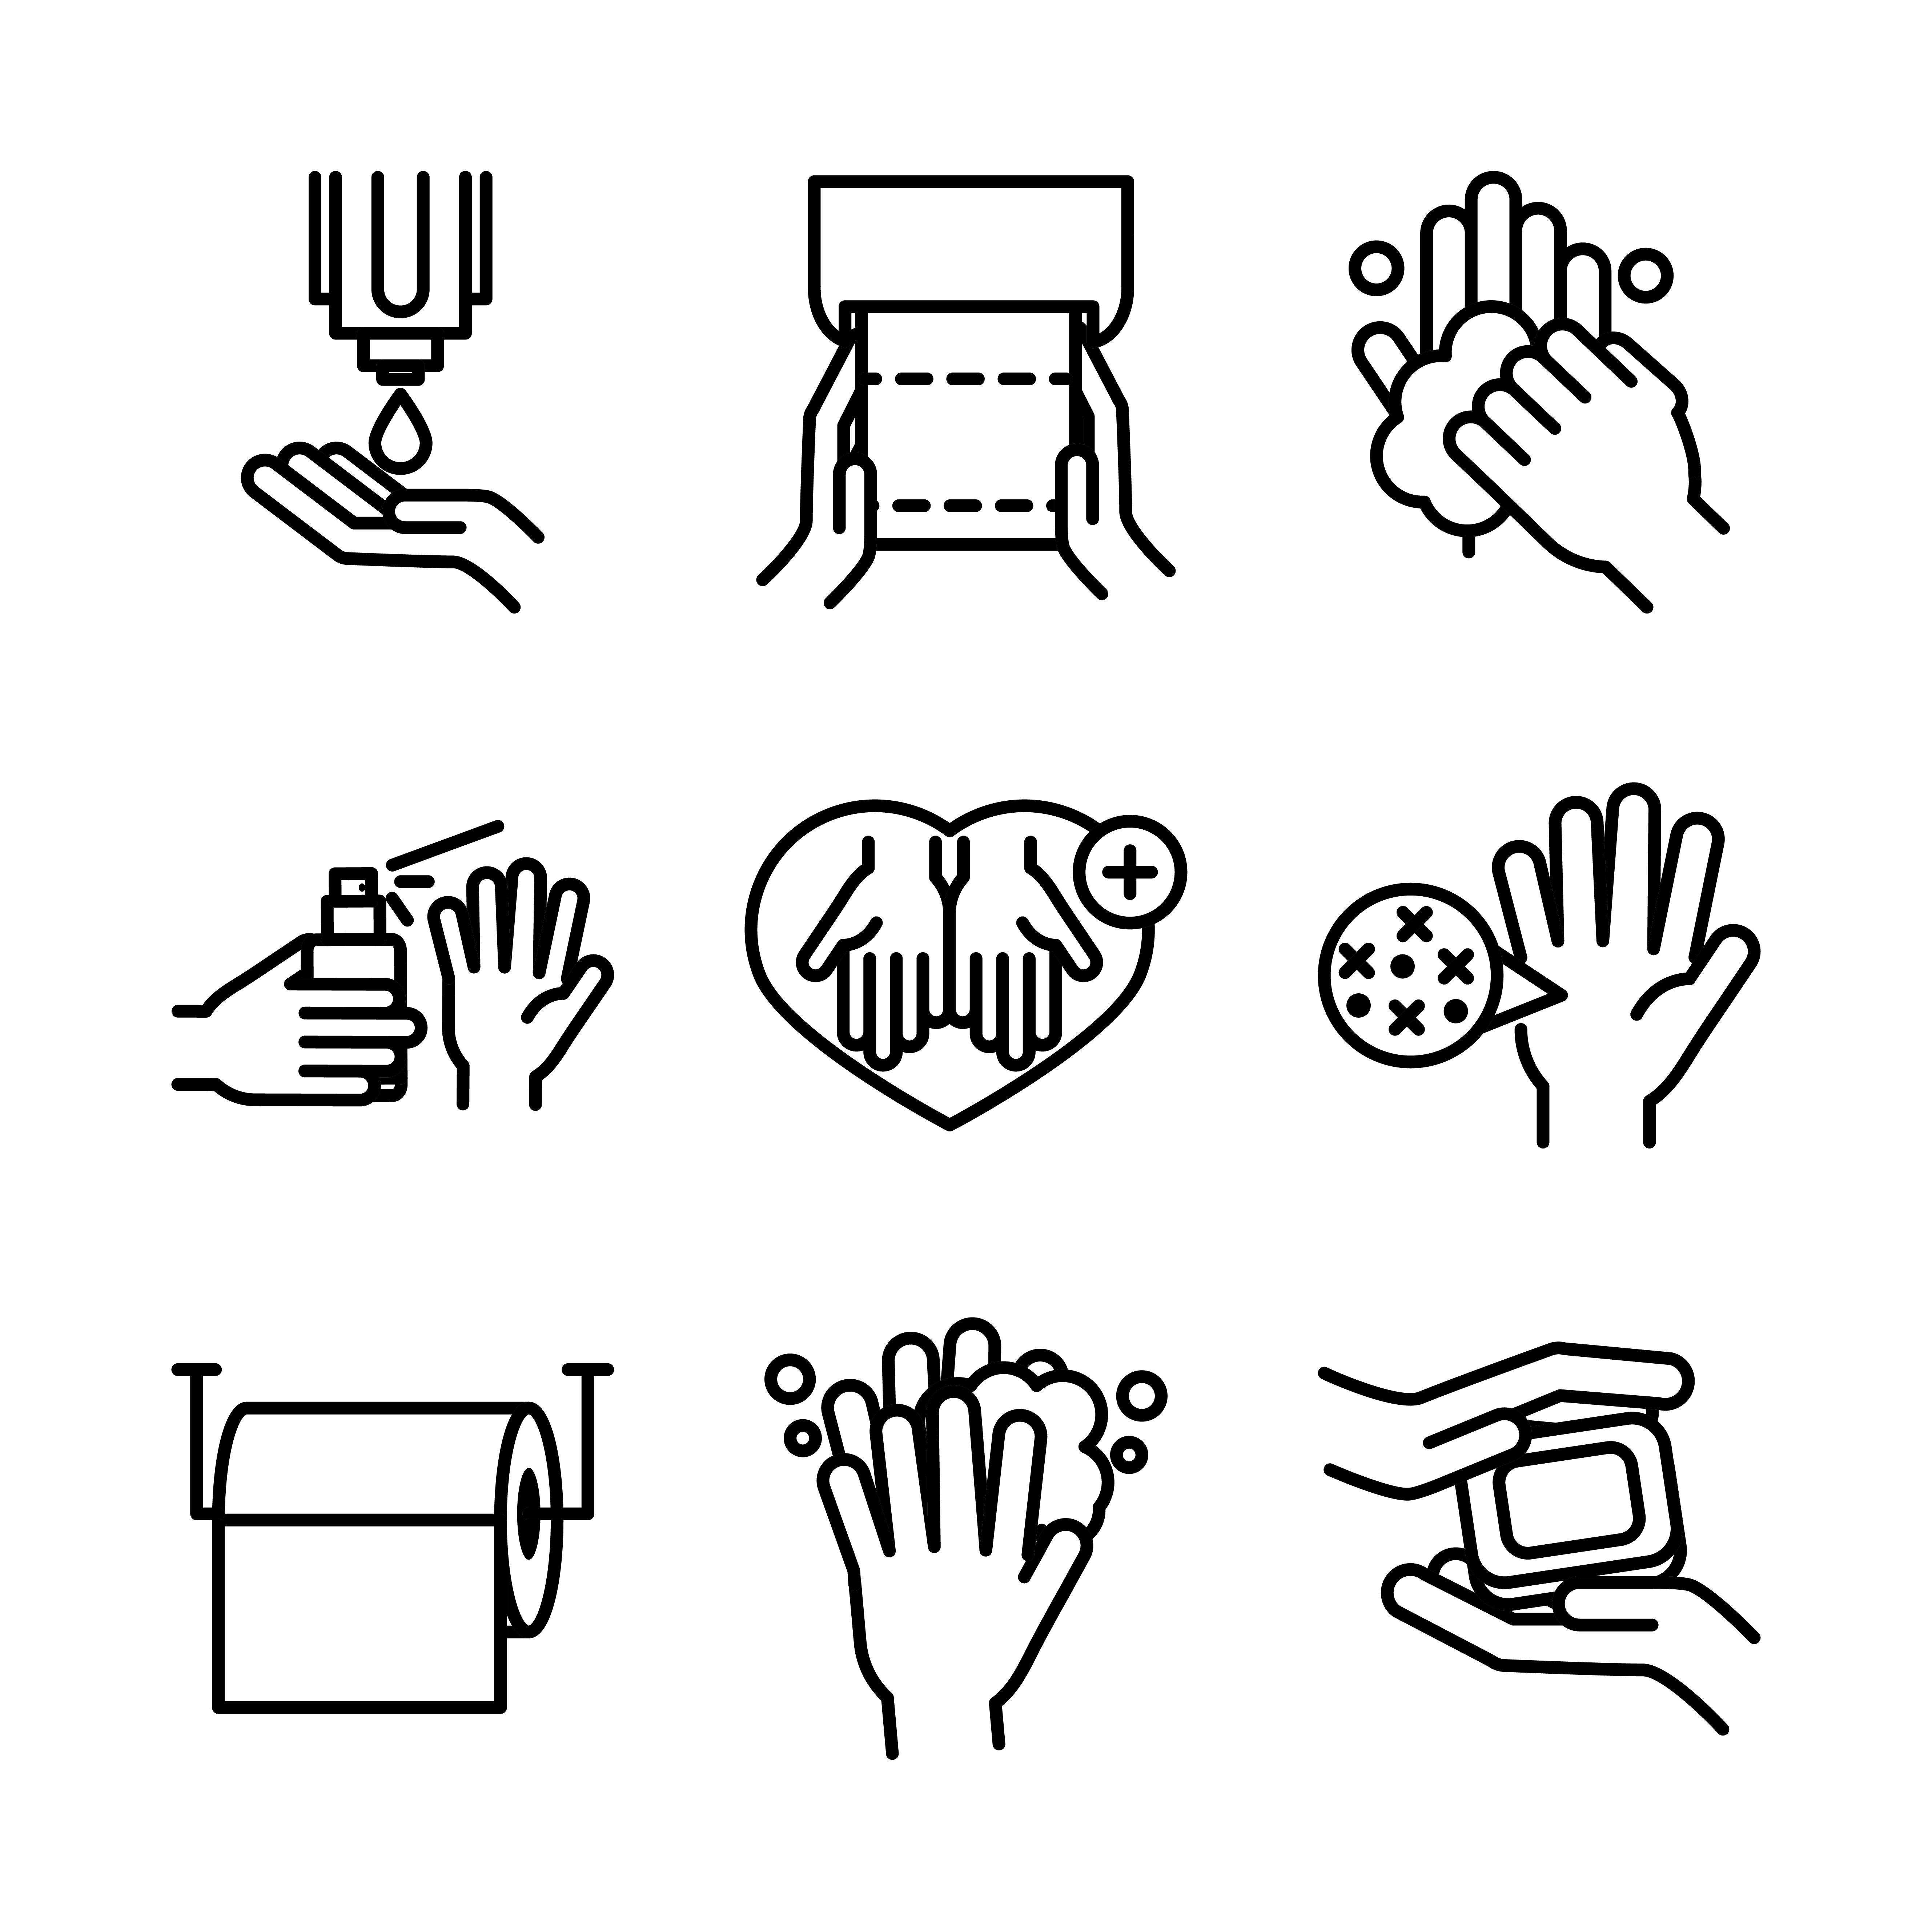 Higiene de manos y control de infecciones pictograma conjunto de iconos